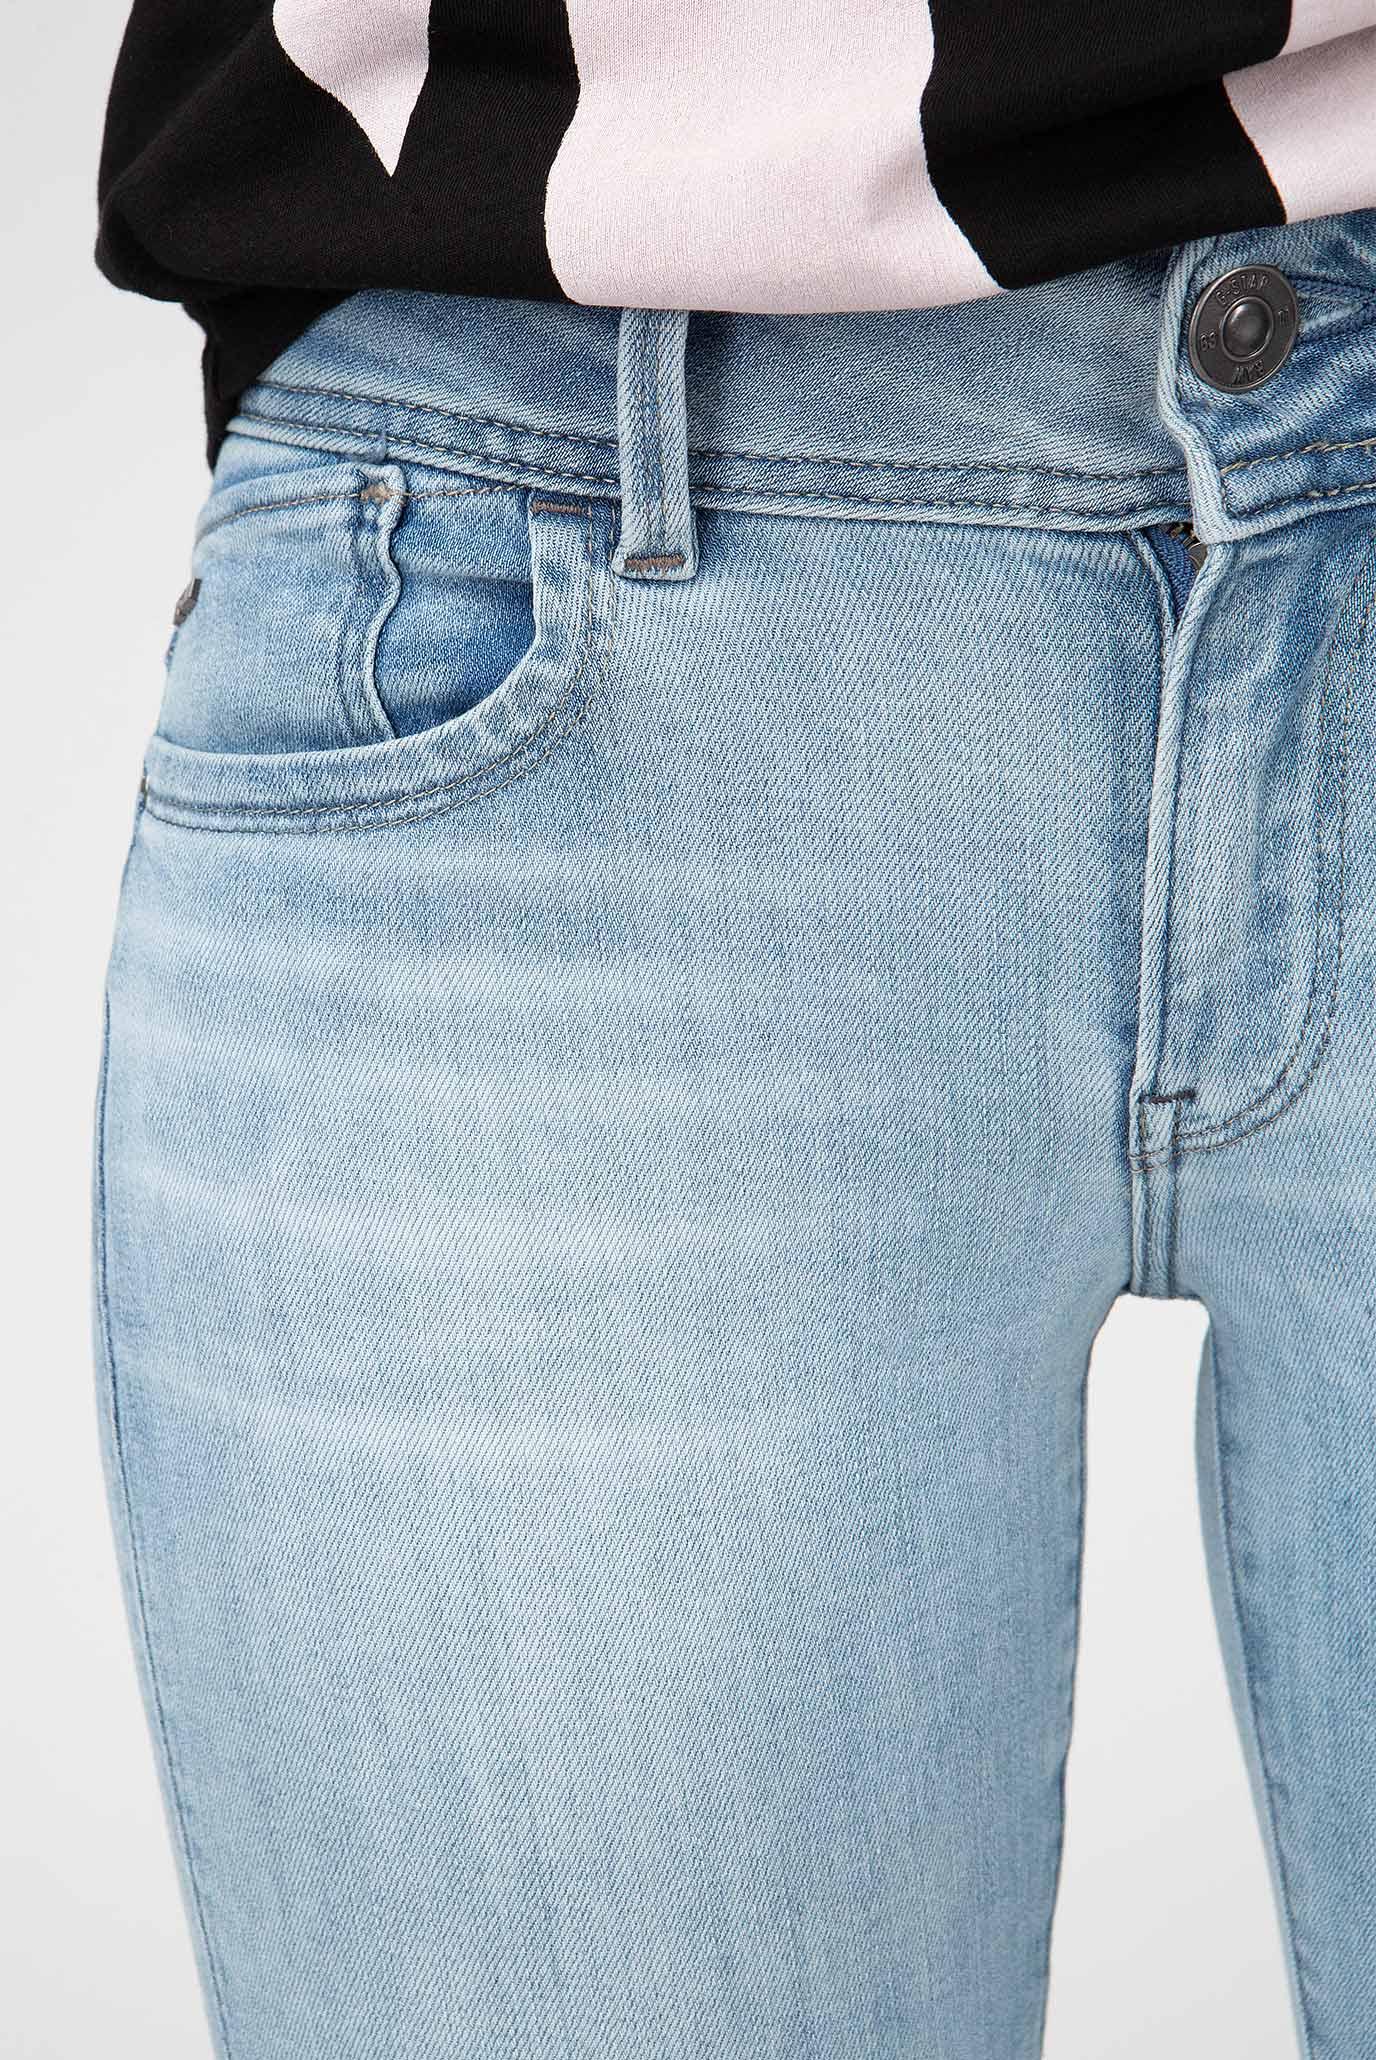 Купить Женские голубые джинсы LYNN G-Star RAW G-Star RAW D06746,8968 – Киев, Украина. Цены в интернет магазине MD Fashion